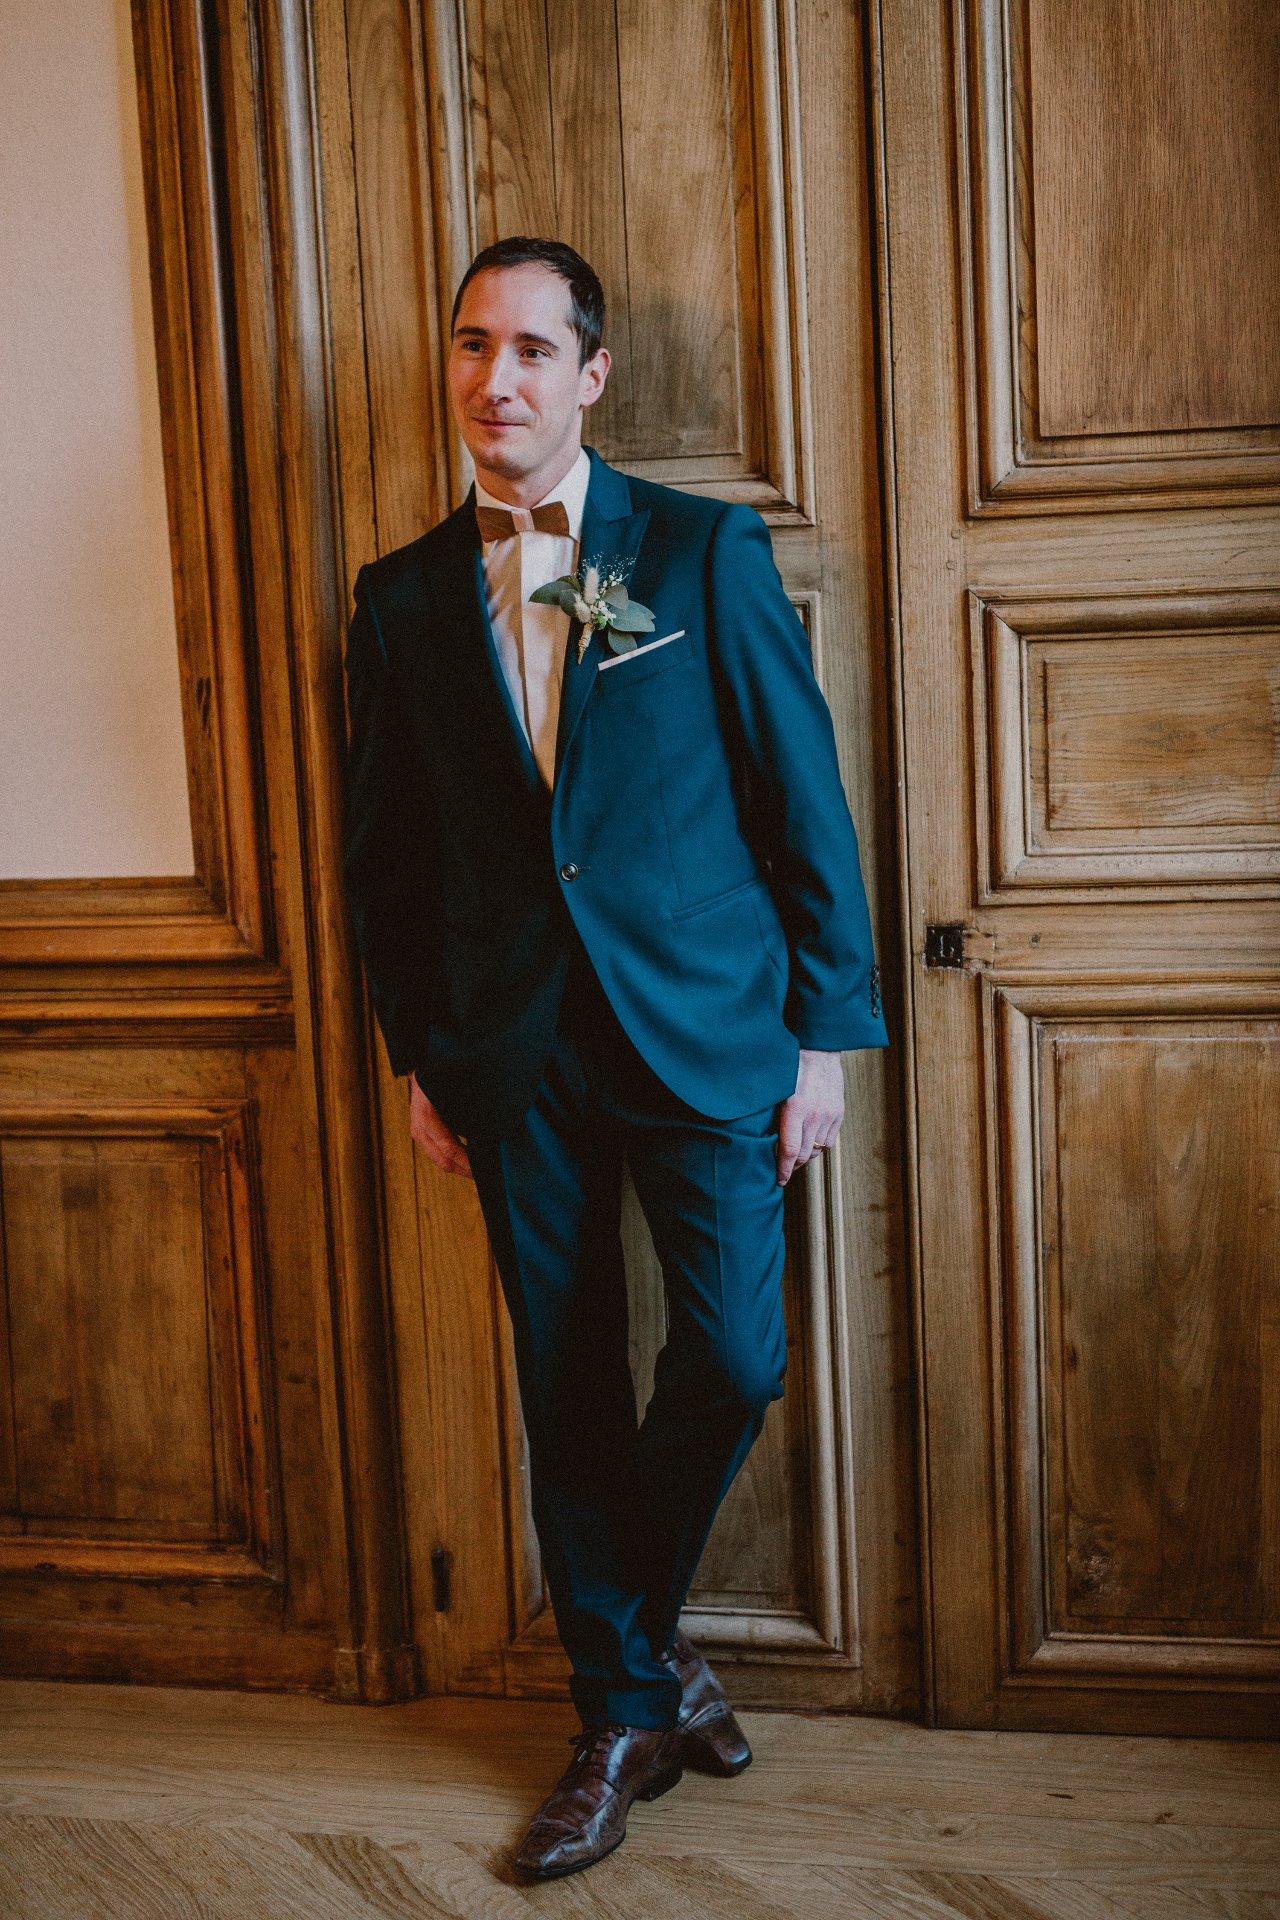 sterenn-officiante-ceremonie-laique-costume-marié-vert-foret-260